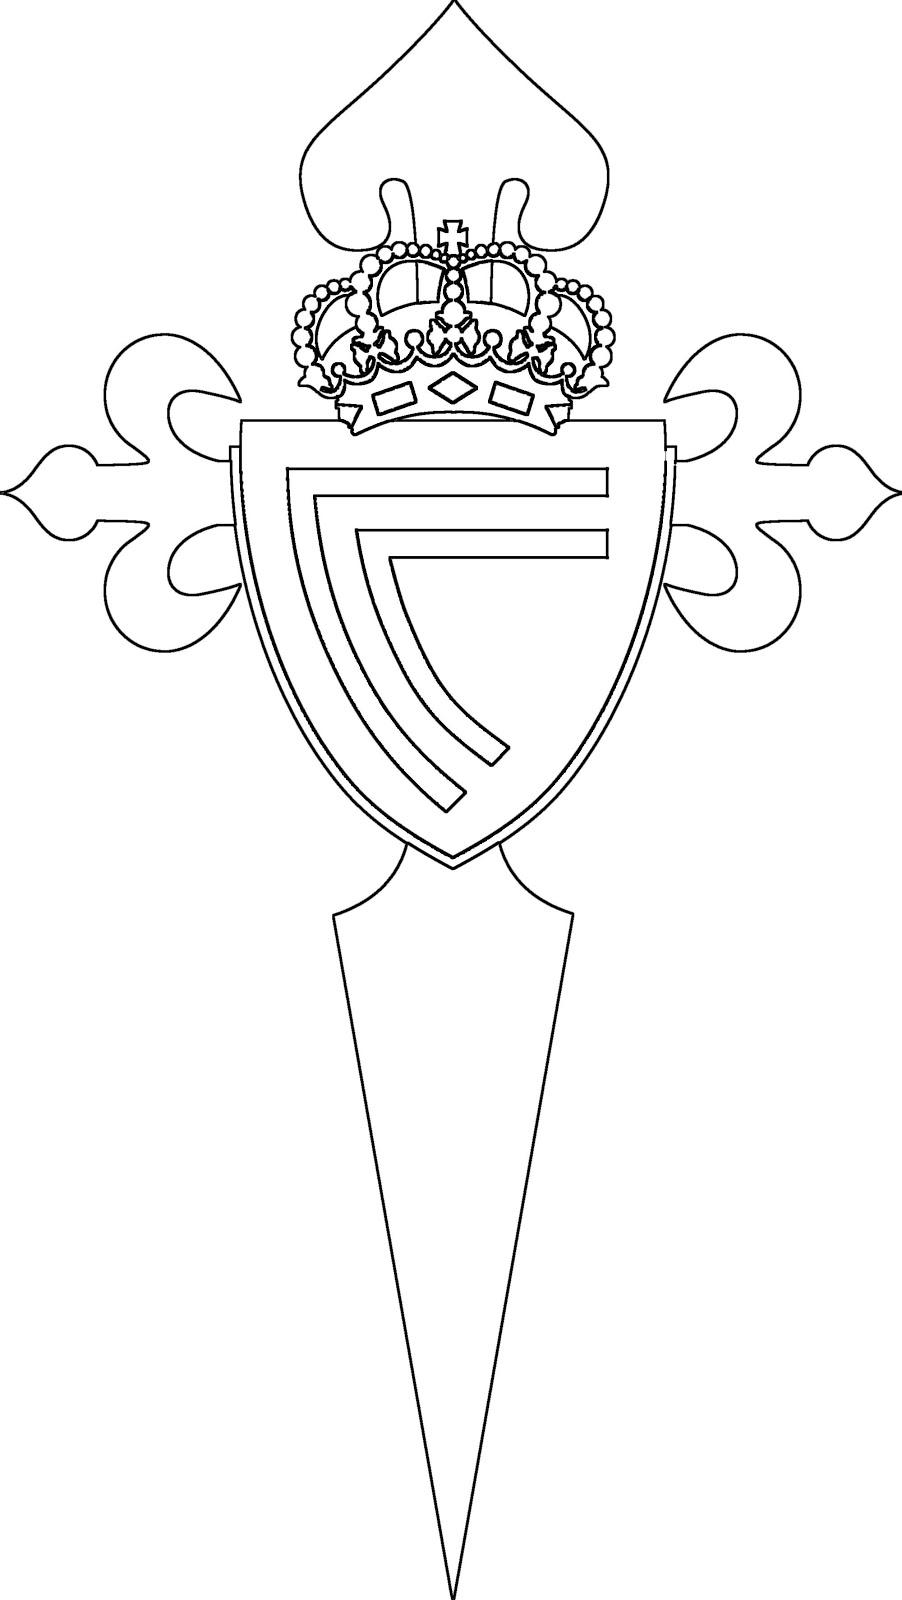 Excelente Imágenes Celtas Para Colorear Adorno - Dibujos Para ...